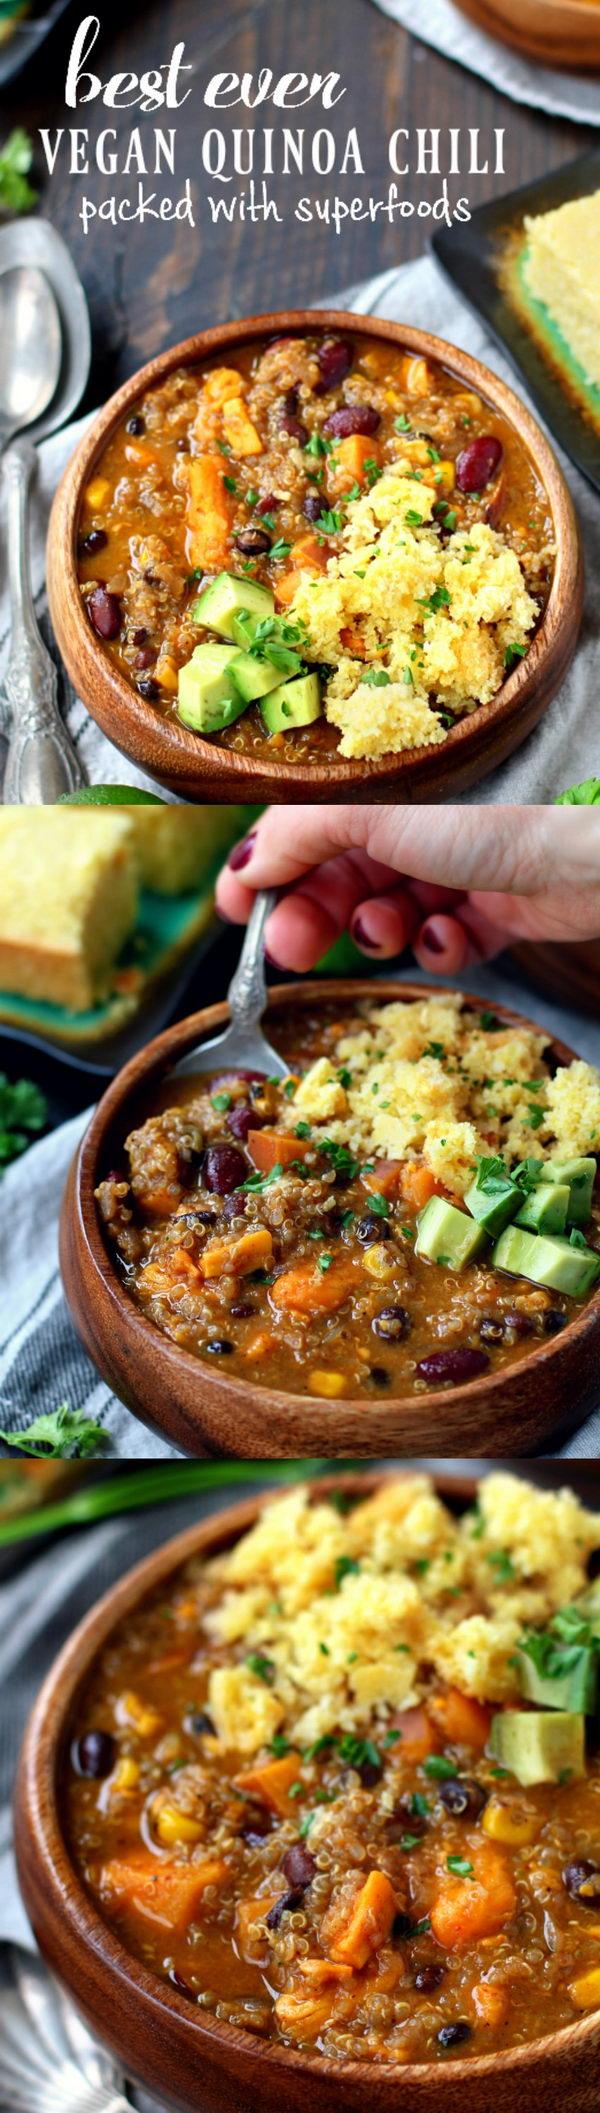 Best Ever Vegan Quinoa Chili.